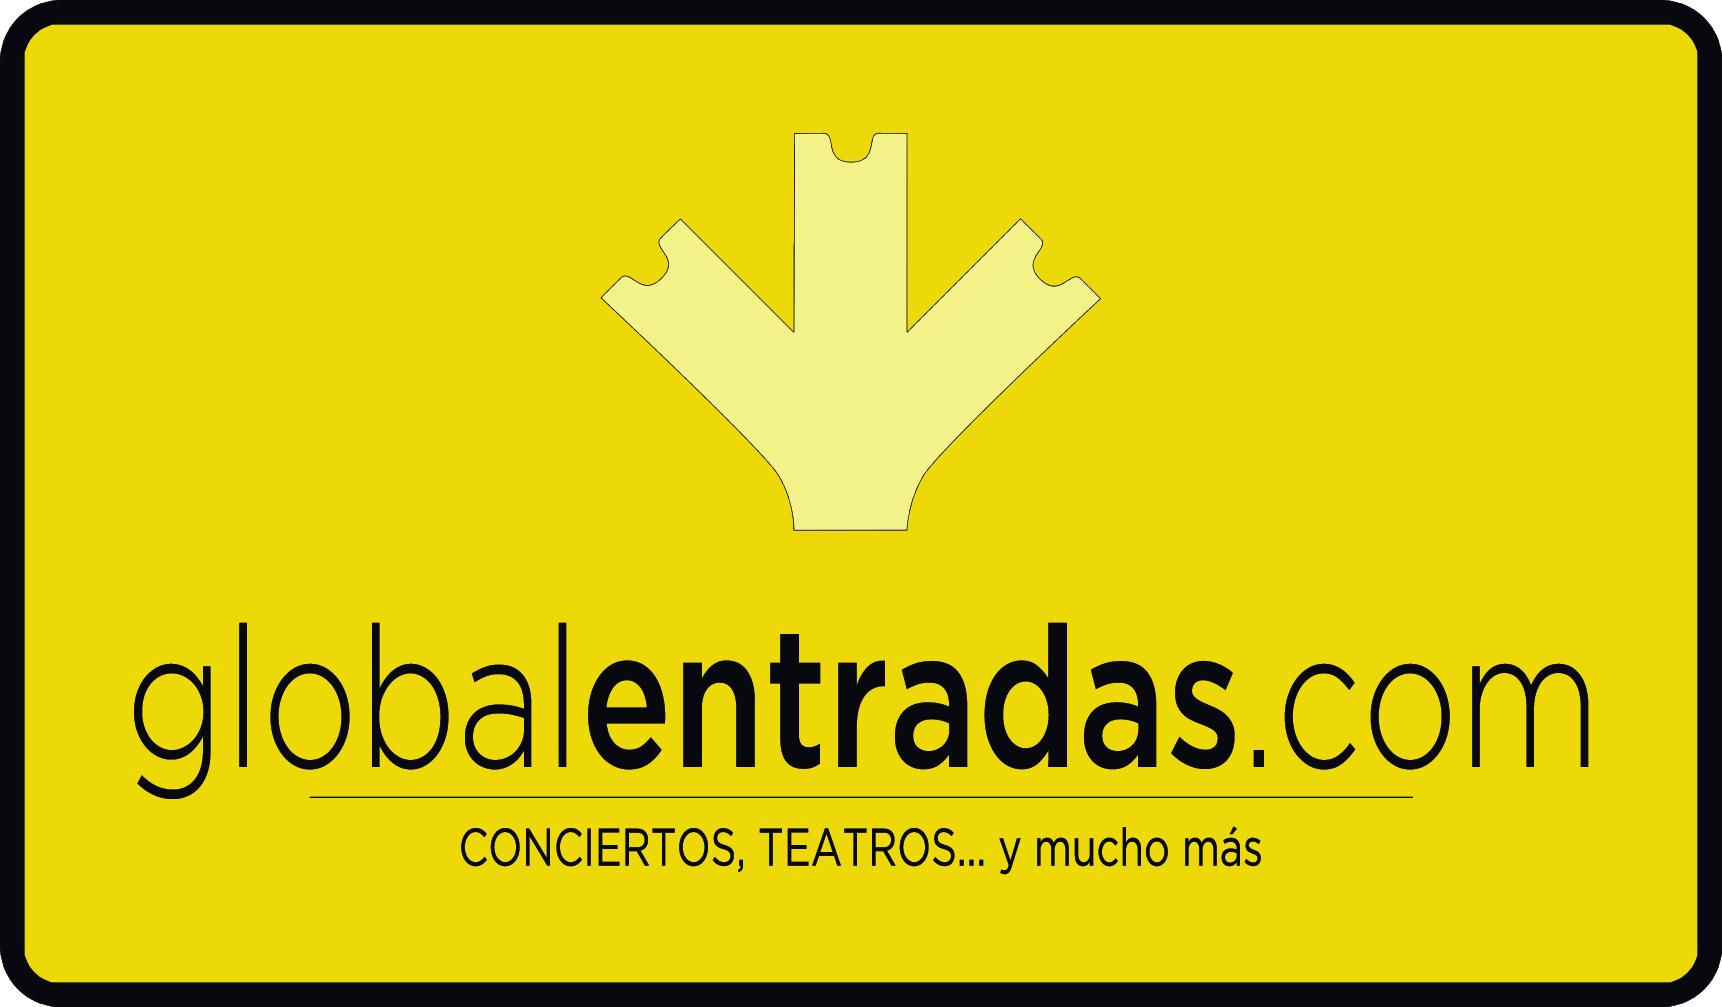 Logo oficial globalentradas Vertical_fondoAmarillo